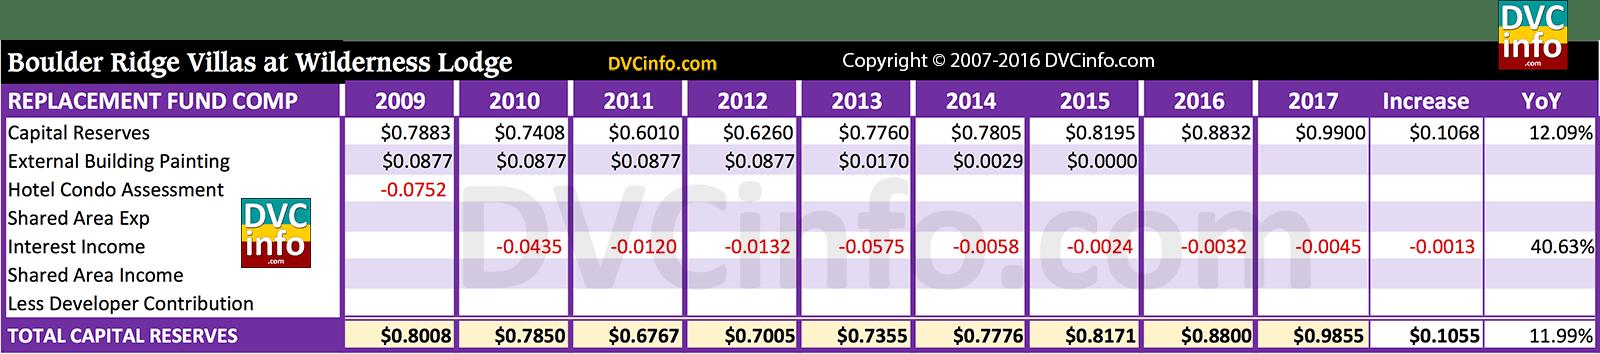 Dvc Resort Budget For Brv Dvcinfo